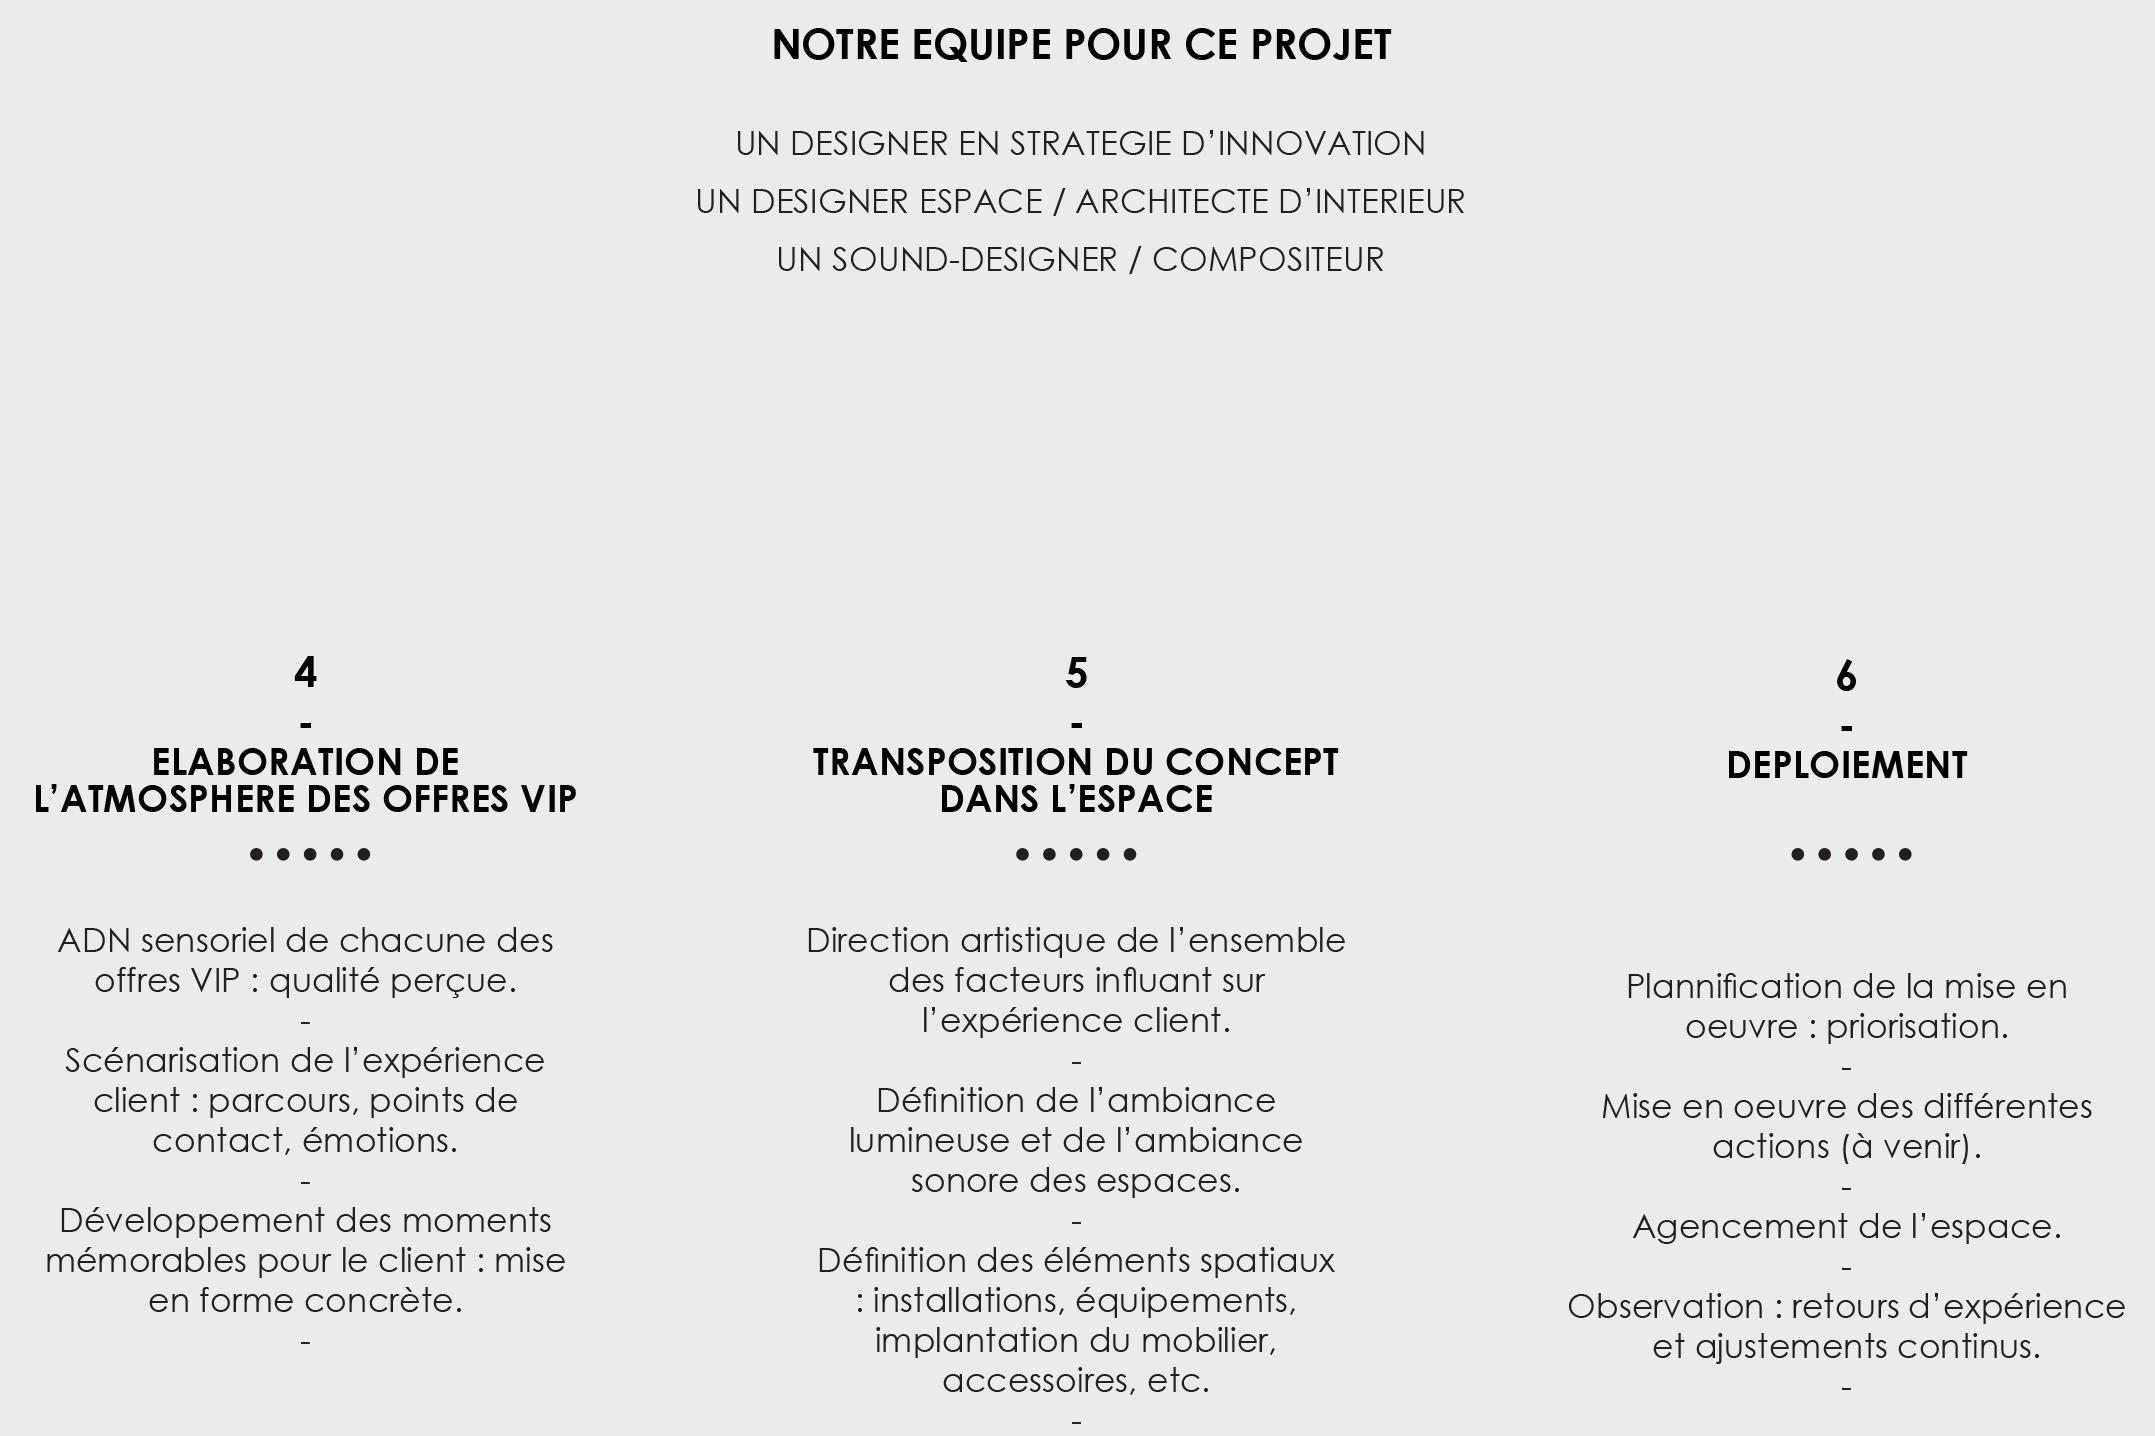 actu-accorhotels-arena-palais-omnisports-de-paris-bercy-design-experience-client-espaces-vip-2